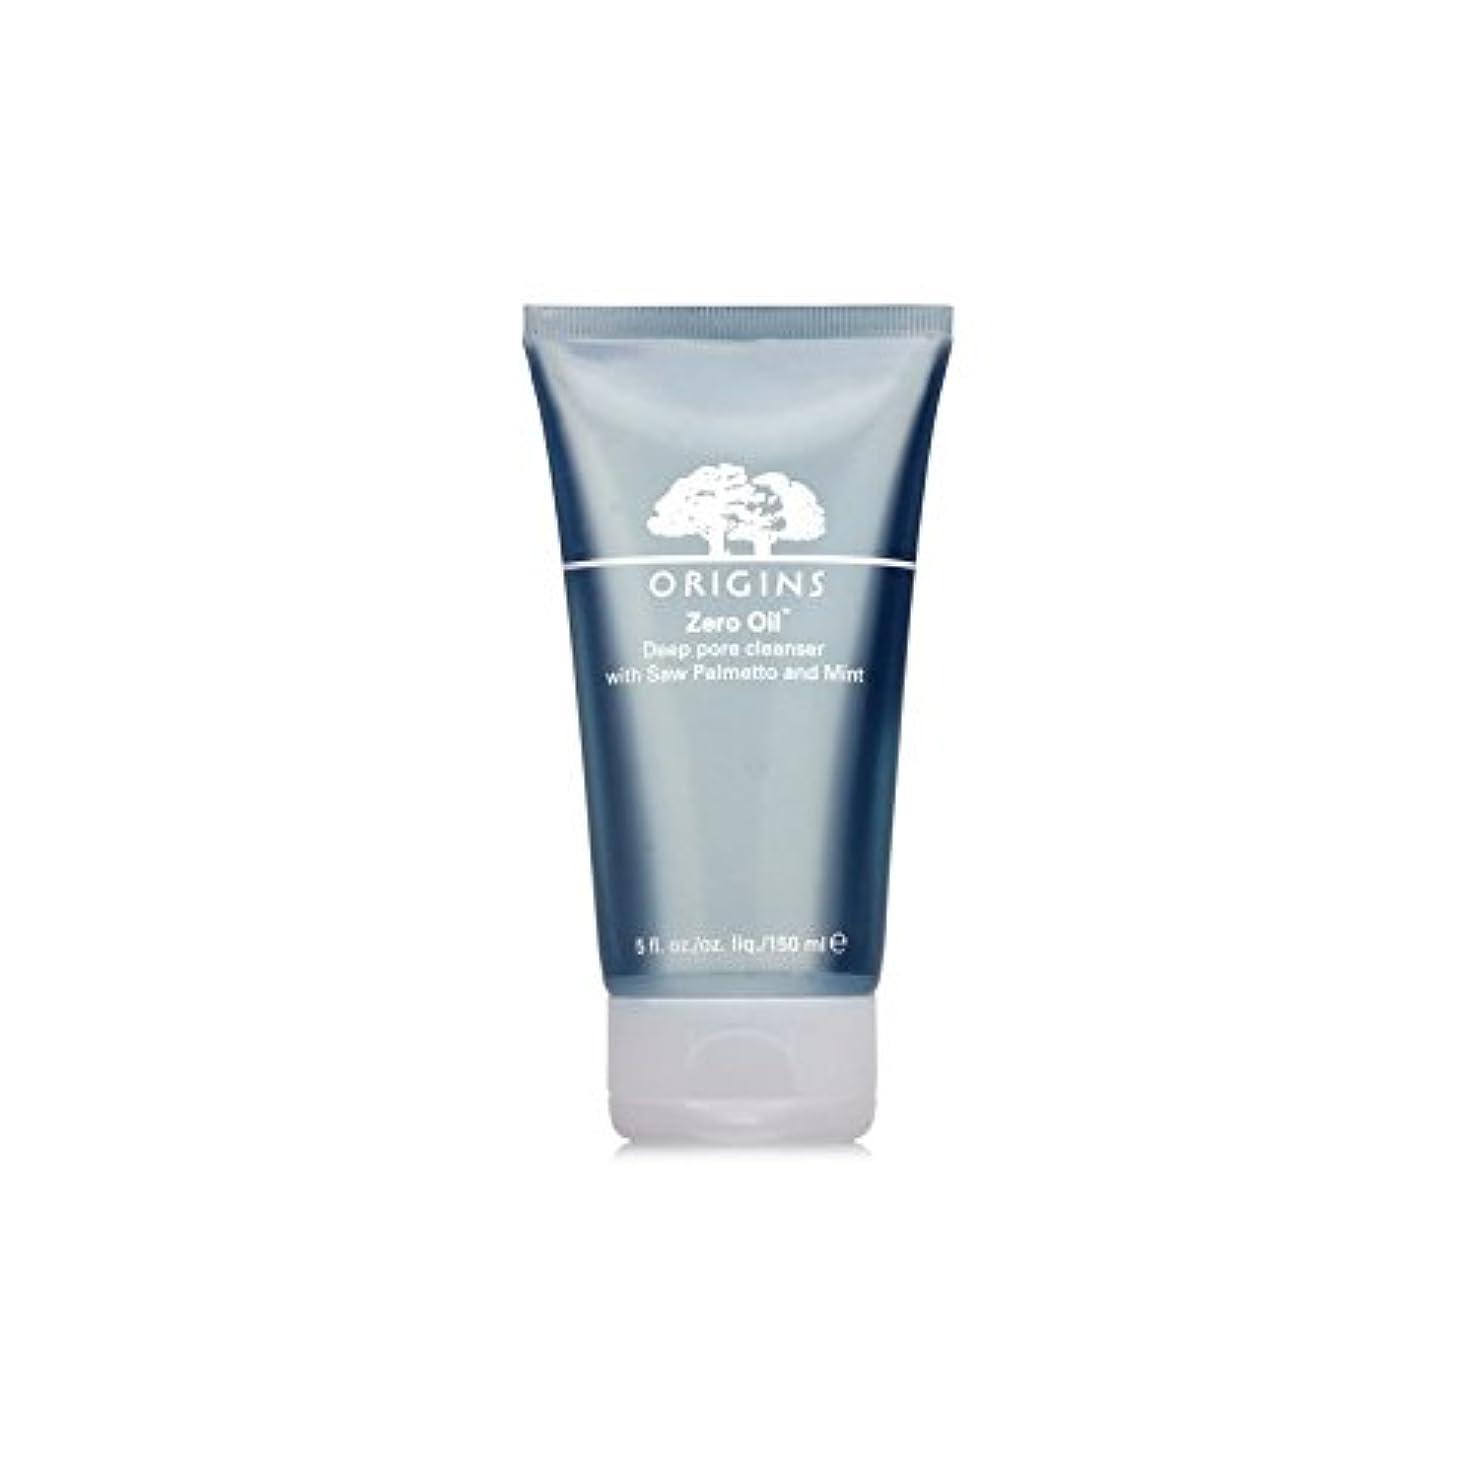 中古バンドあまりにもOrigins Zero Oil Deep Pore Cleanser With Saw Palmetto & Mint 150ml (Pack of 6) - ノコギリヤシ&ミント150ミリリットルとの起源ゼロ油深いポアクレンザー...